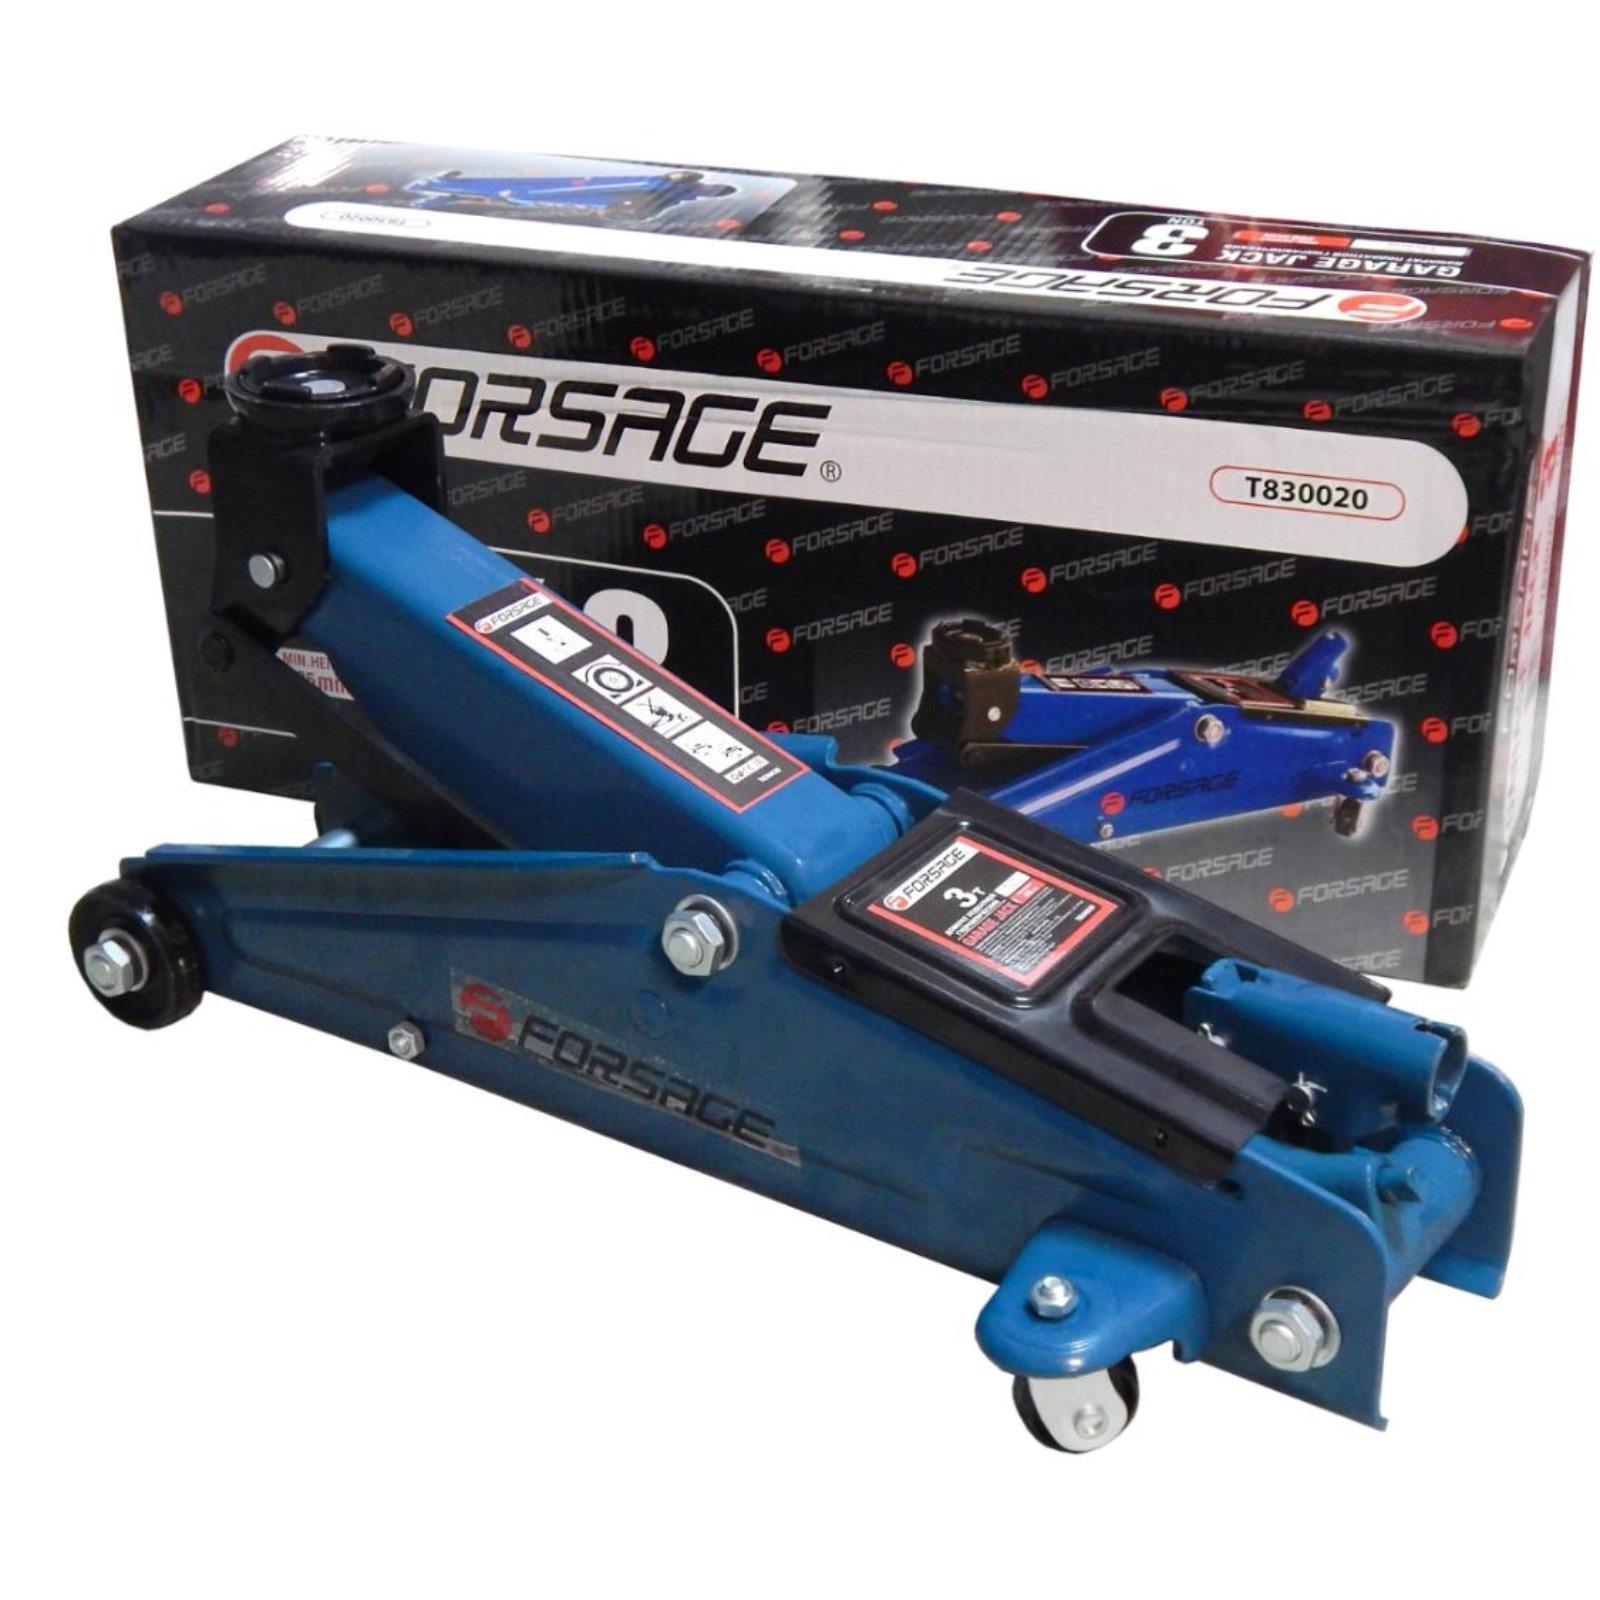 Домкрат Forsage F-t830020 набор инструмента forsage 51112r